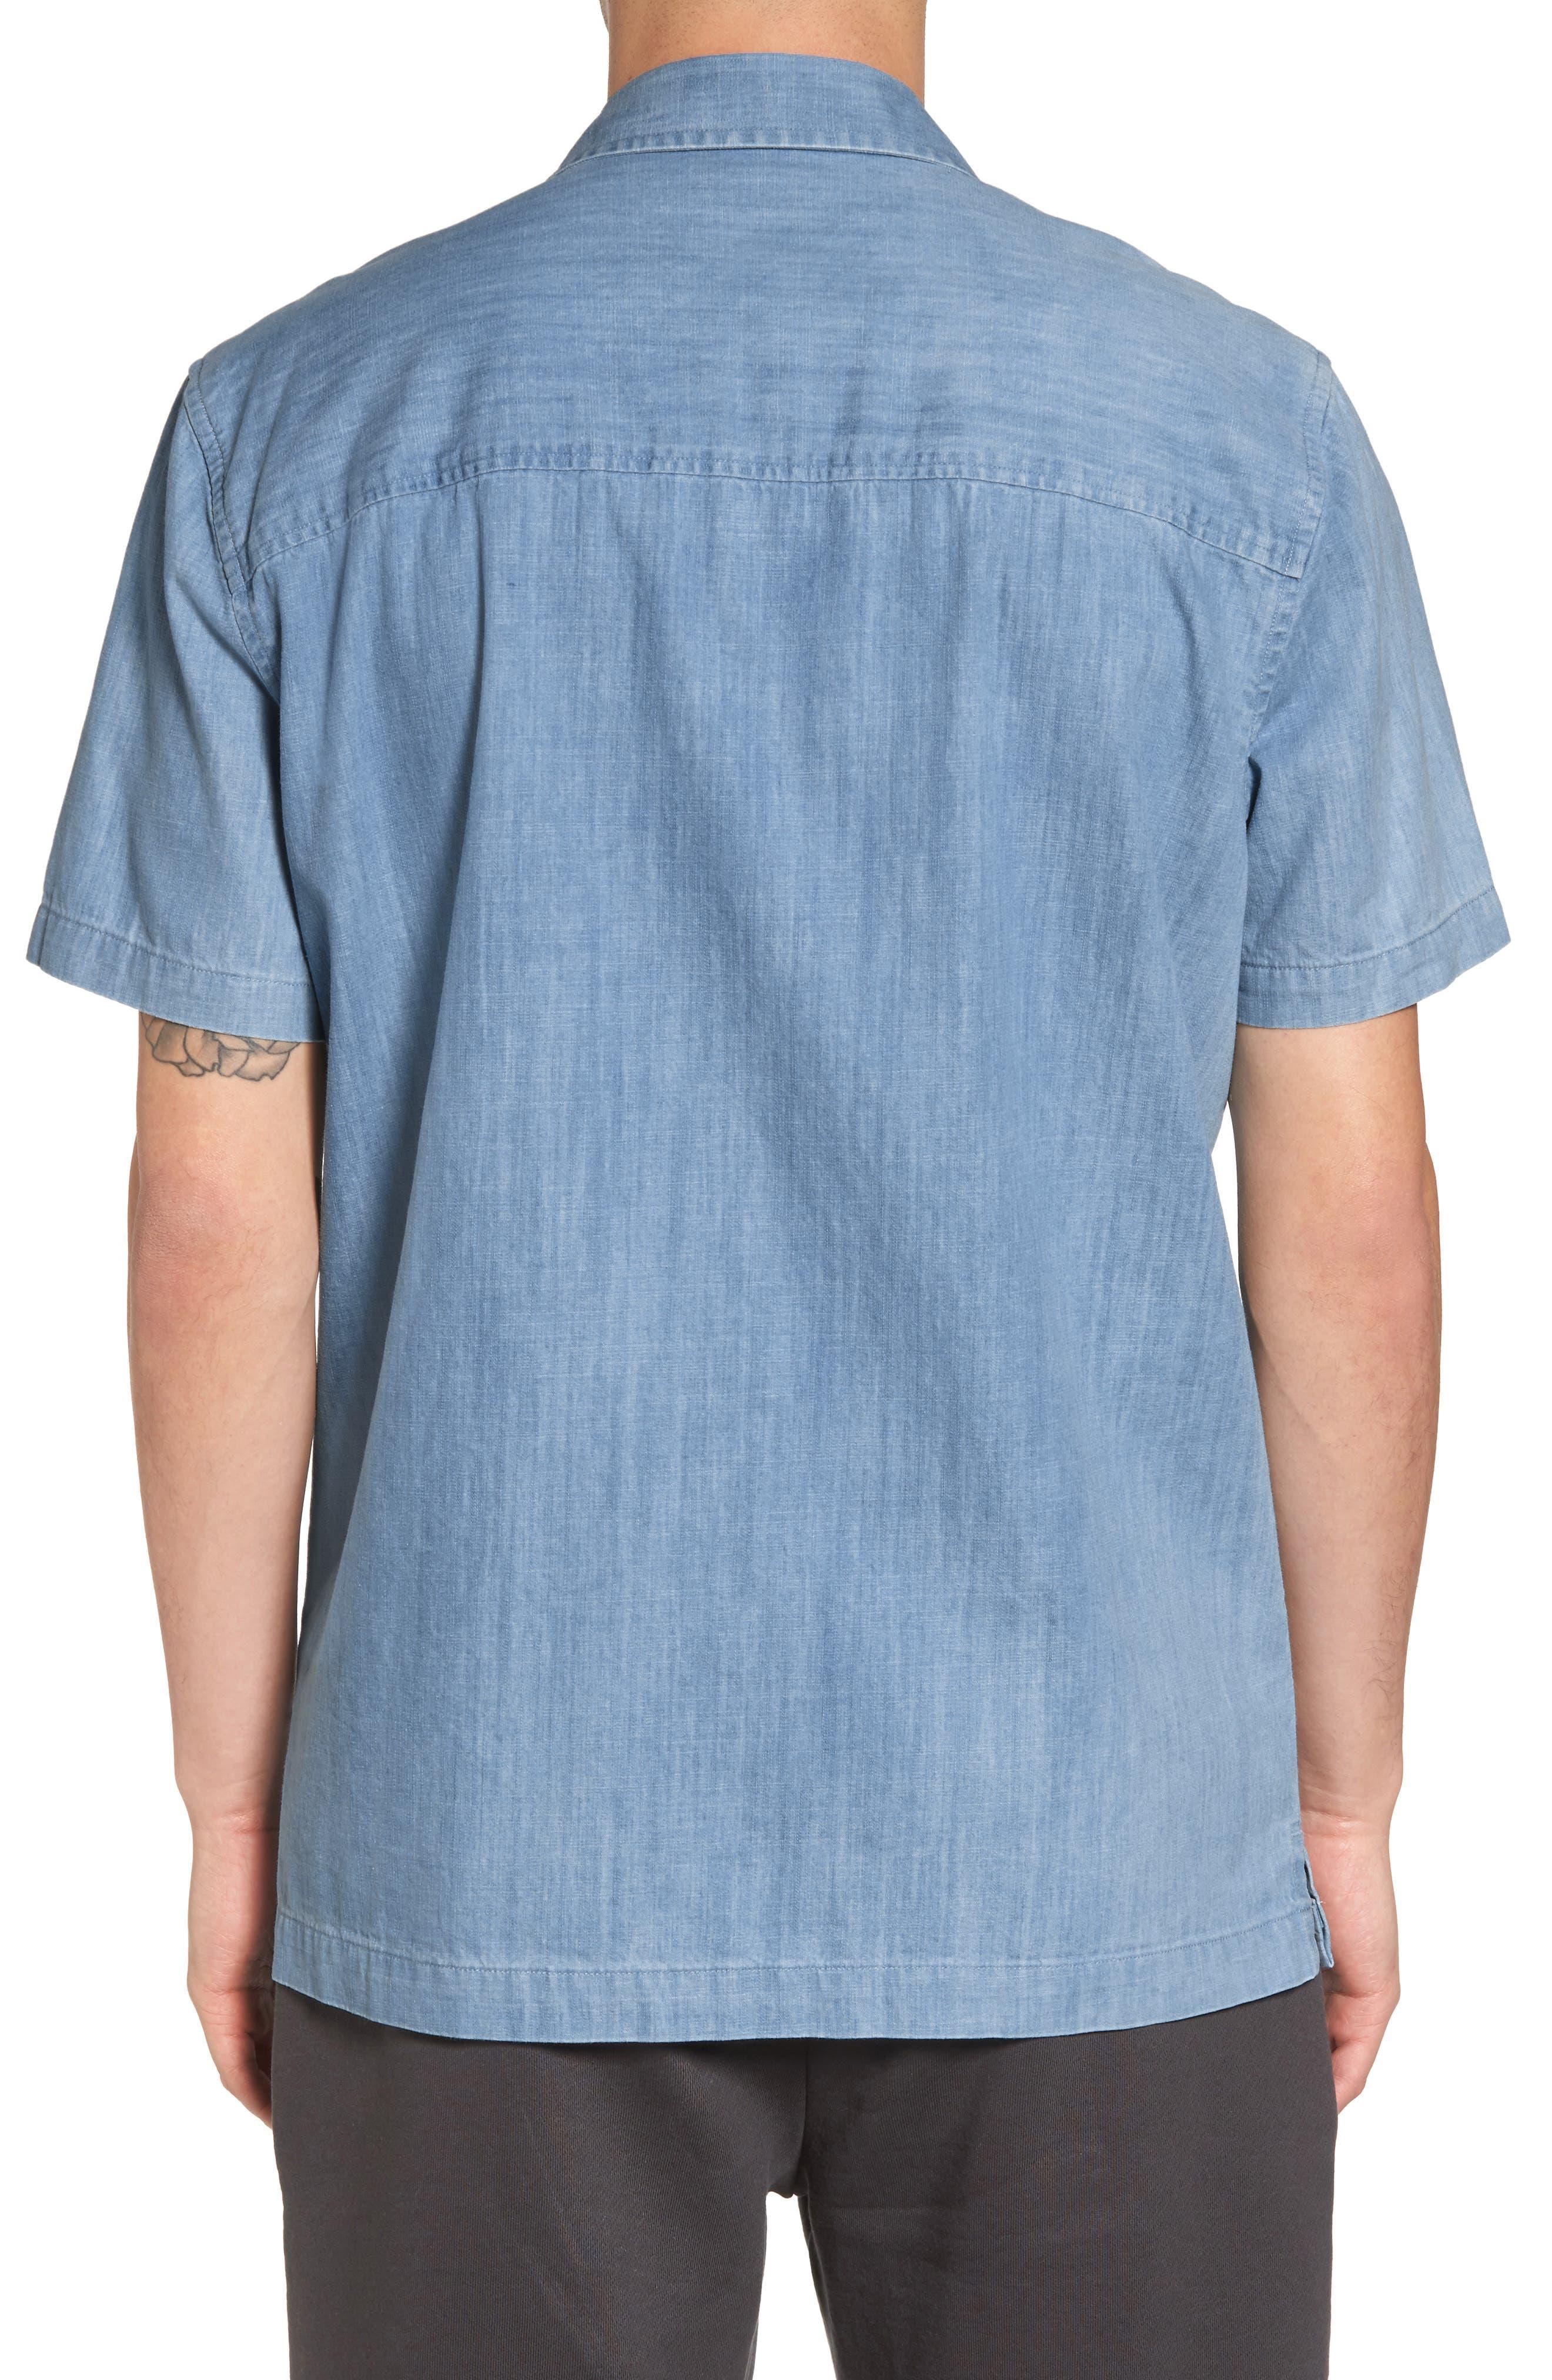 Nevin Short Sleeve Denim Shirt,                             Alternate thumbnail 2, color,                             497